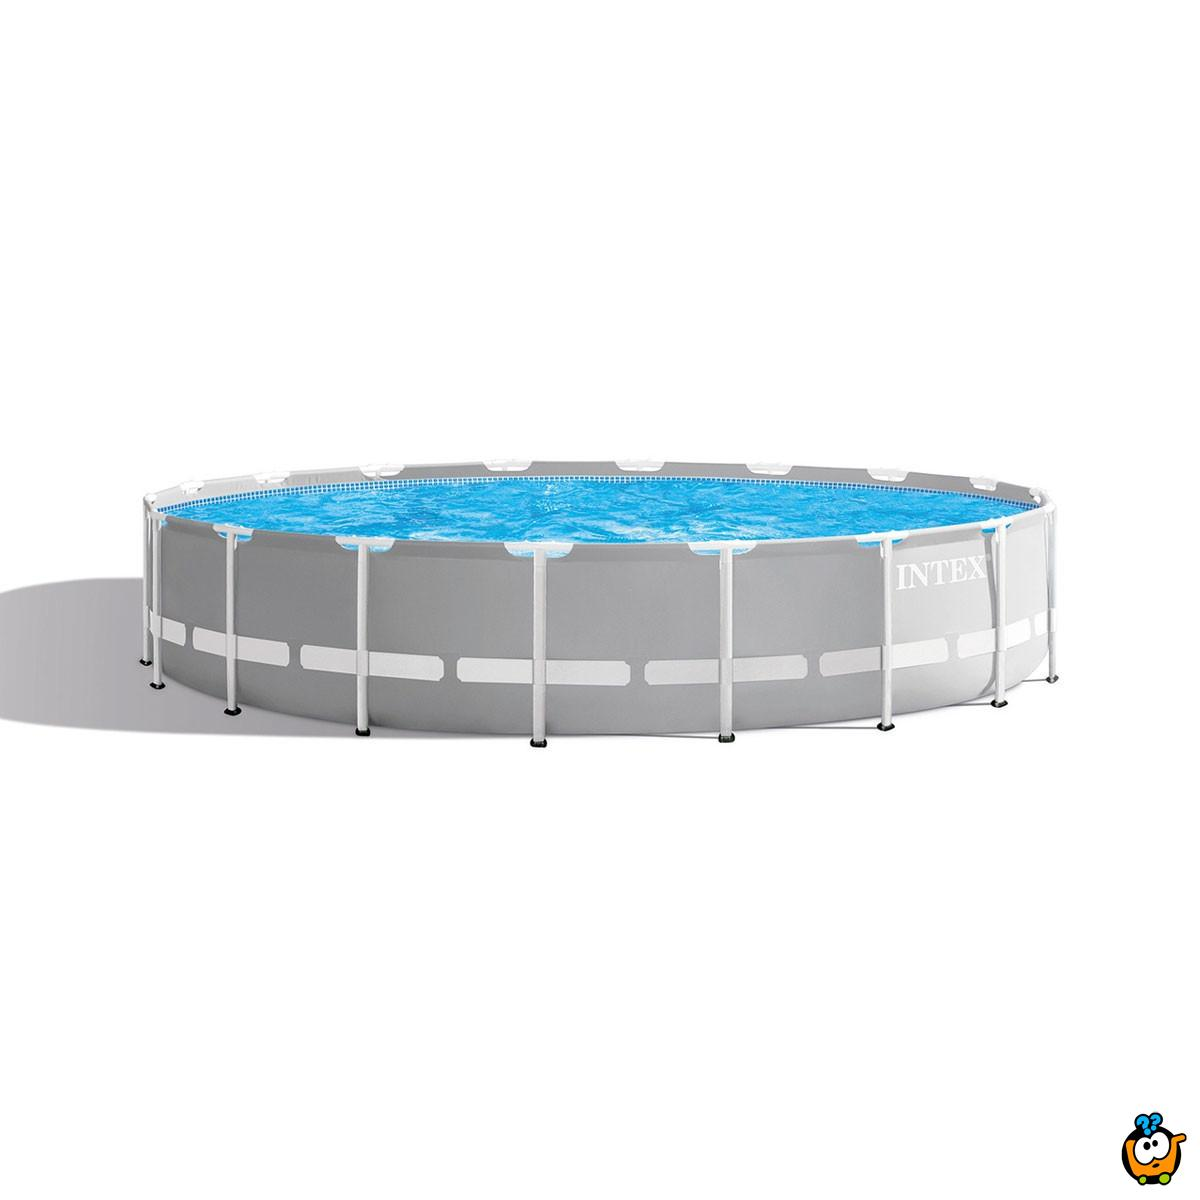 INTEX 26724 Family pool - Veliki okrugli porodični bazen - 4,57m x 1,07m